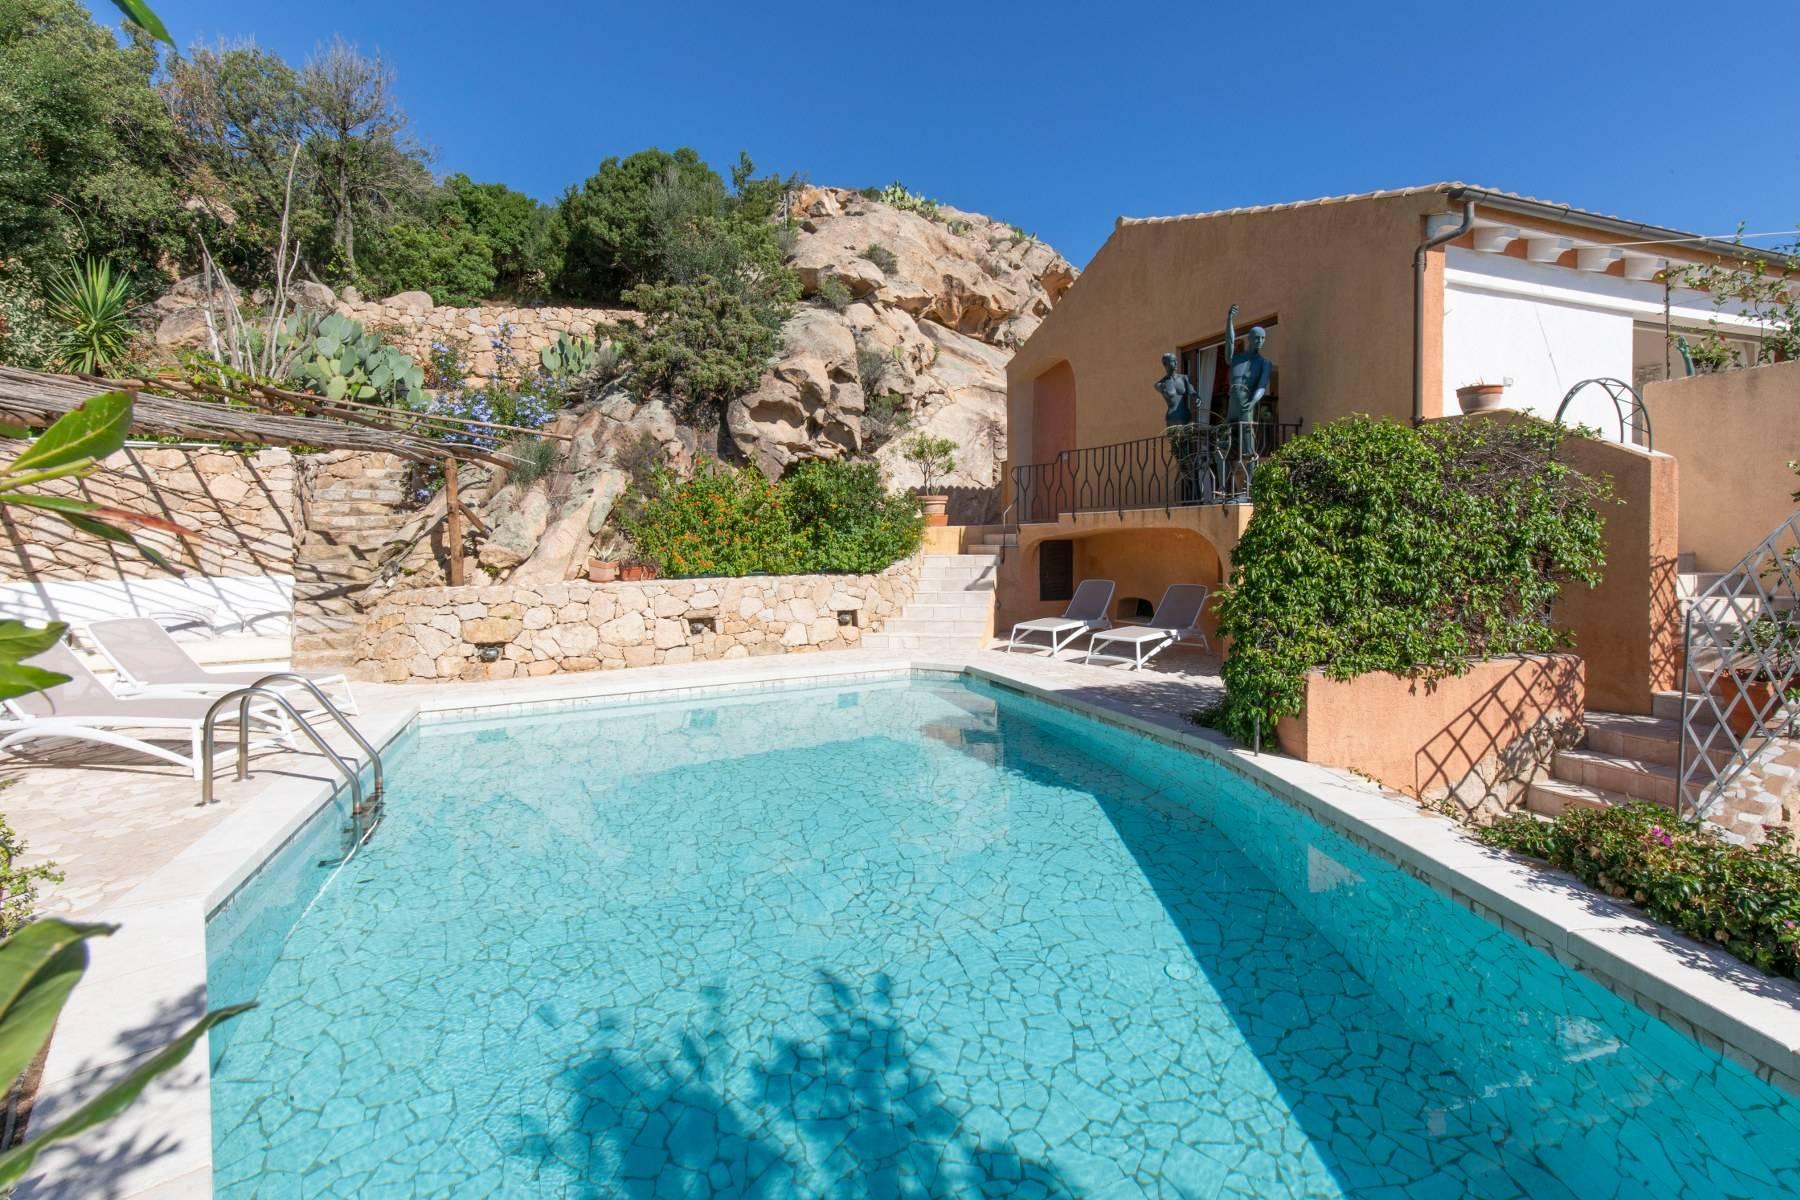 Villa in Vendita a Arzachena: 5 locali, 250 mq - Foto 23